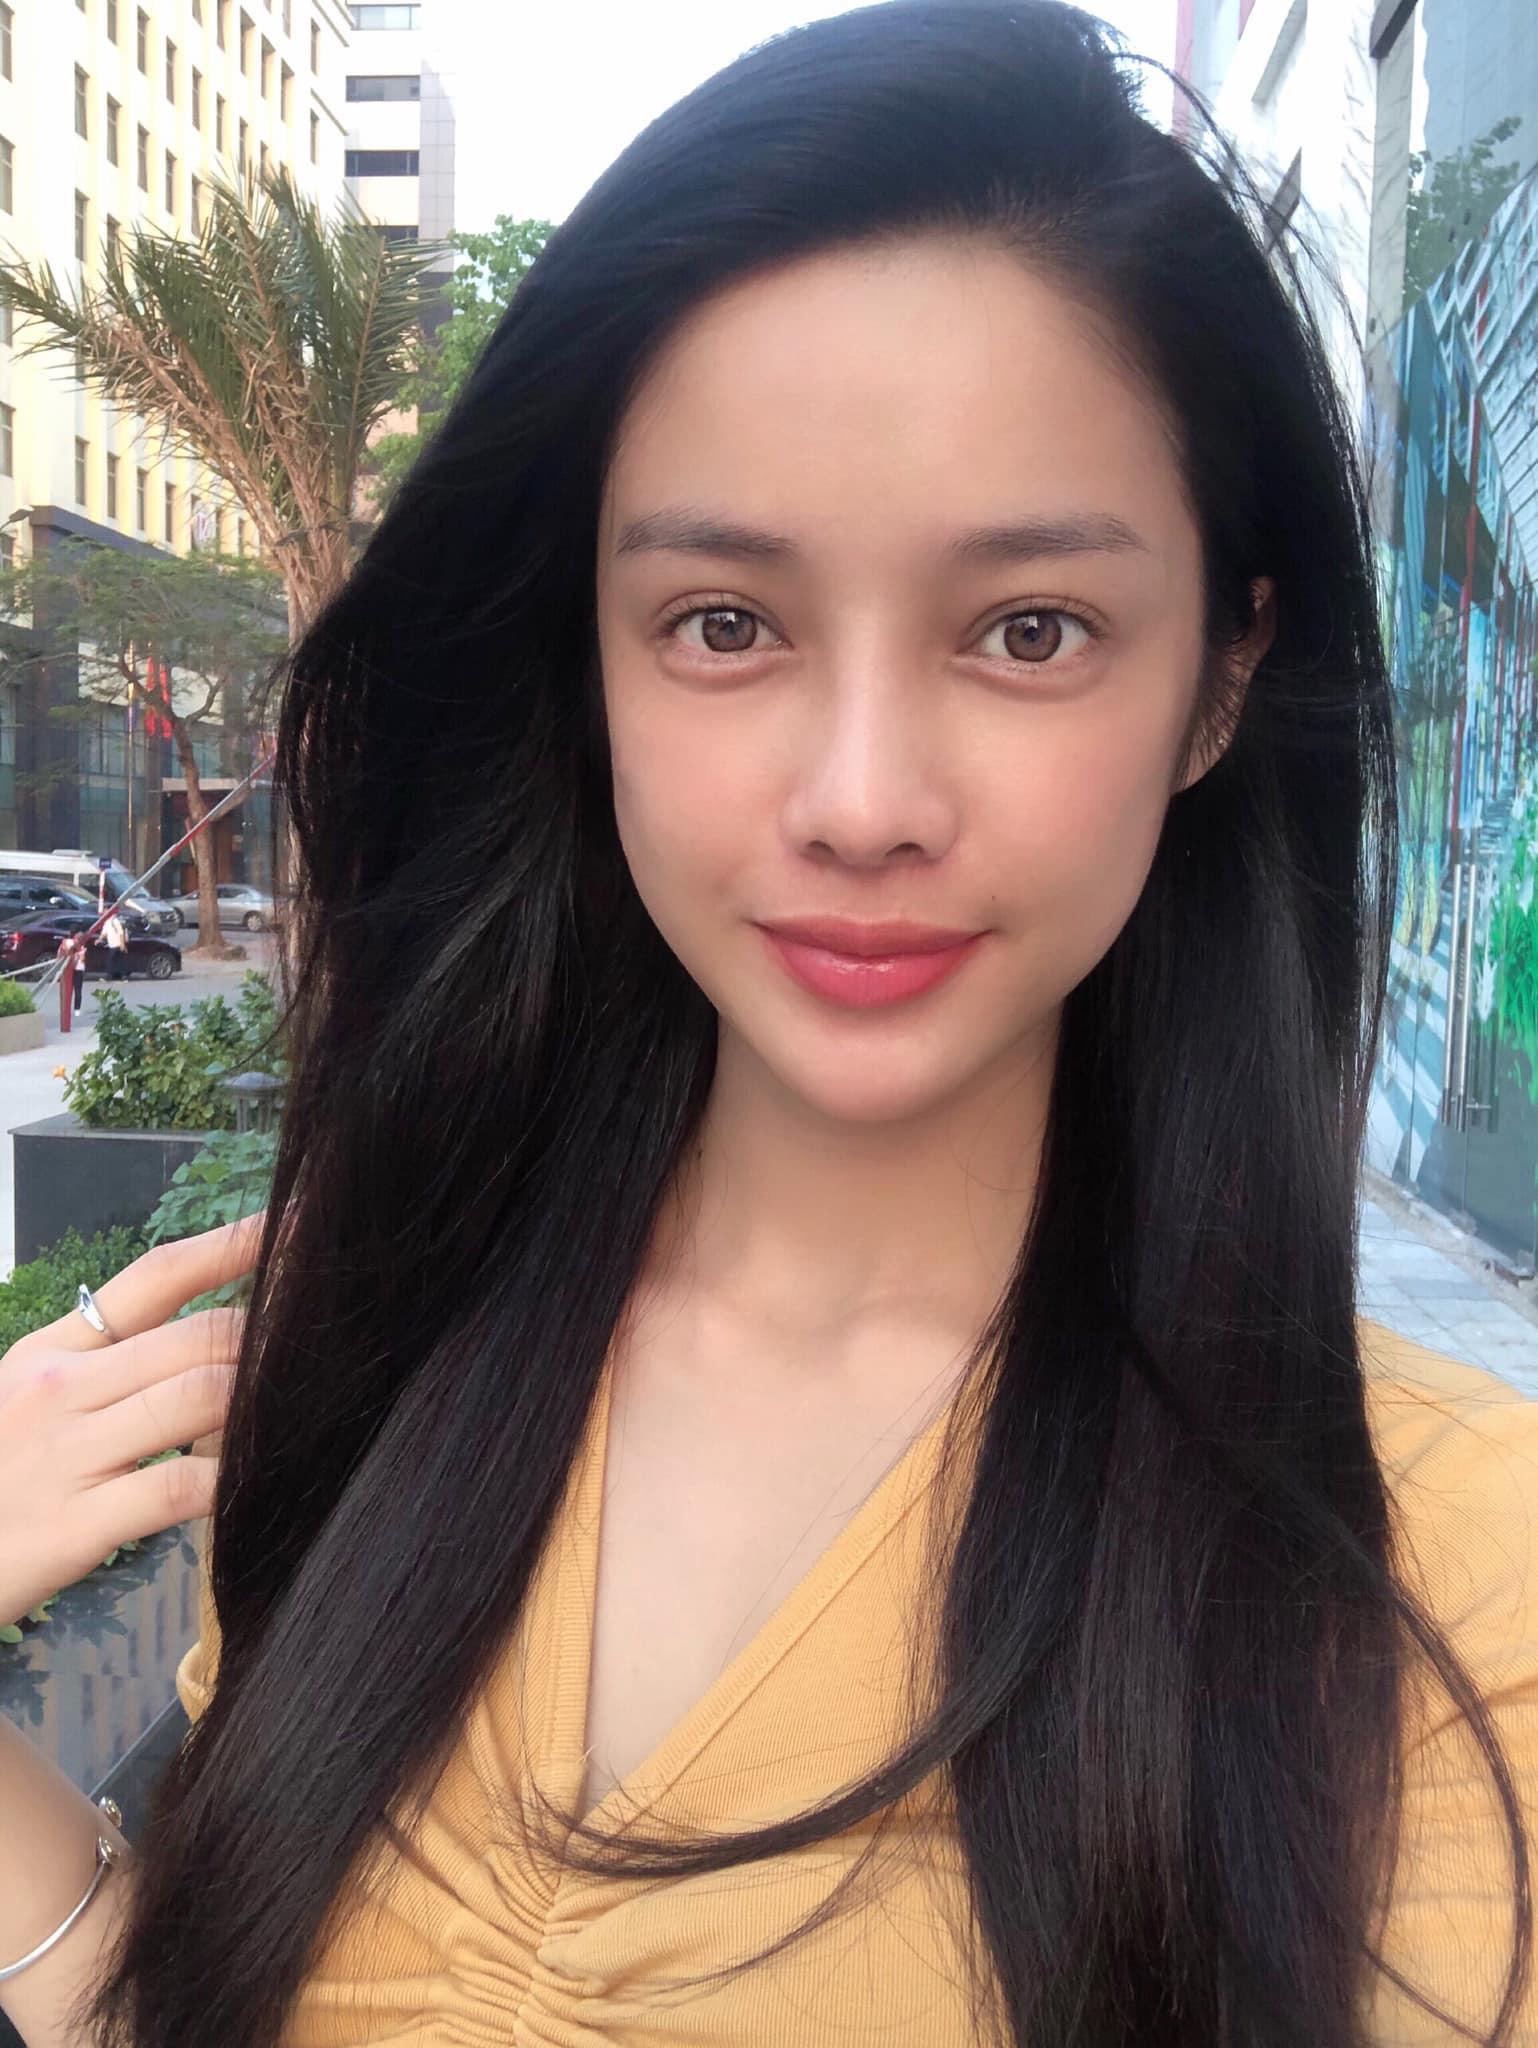 """HOT showbiz: Bất ngờ mỹ nhân đóng vai Thúy Kiều bị """"đào lại"""" quá khứ là """"đối thủ"""" với Hoa hậu H'Hen Niê? - Ảnh 5."""